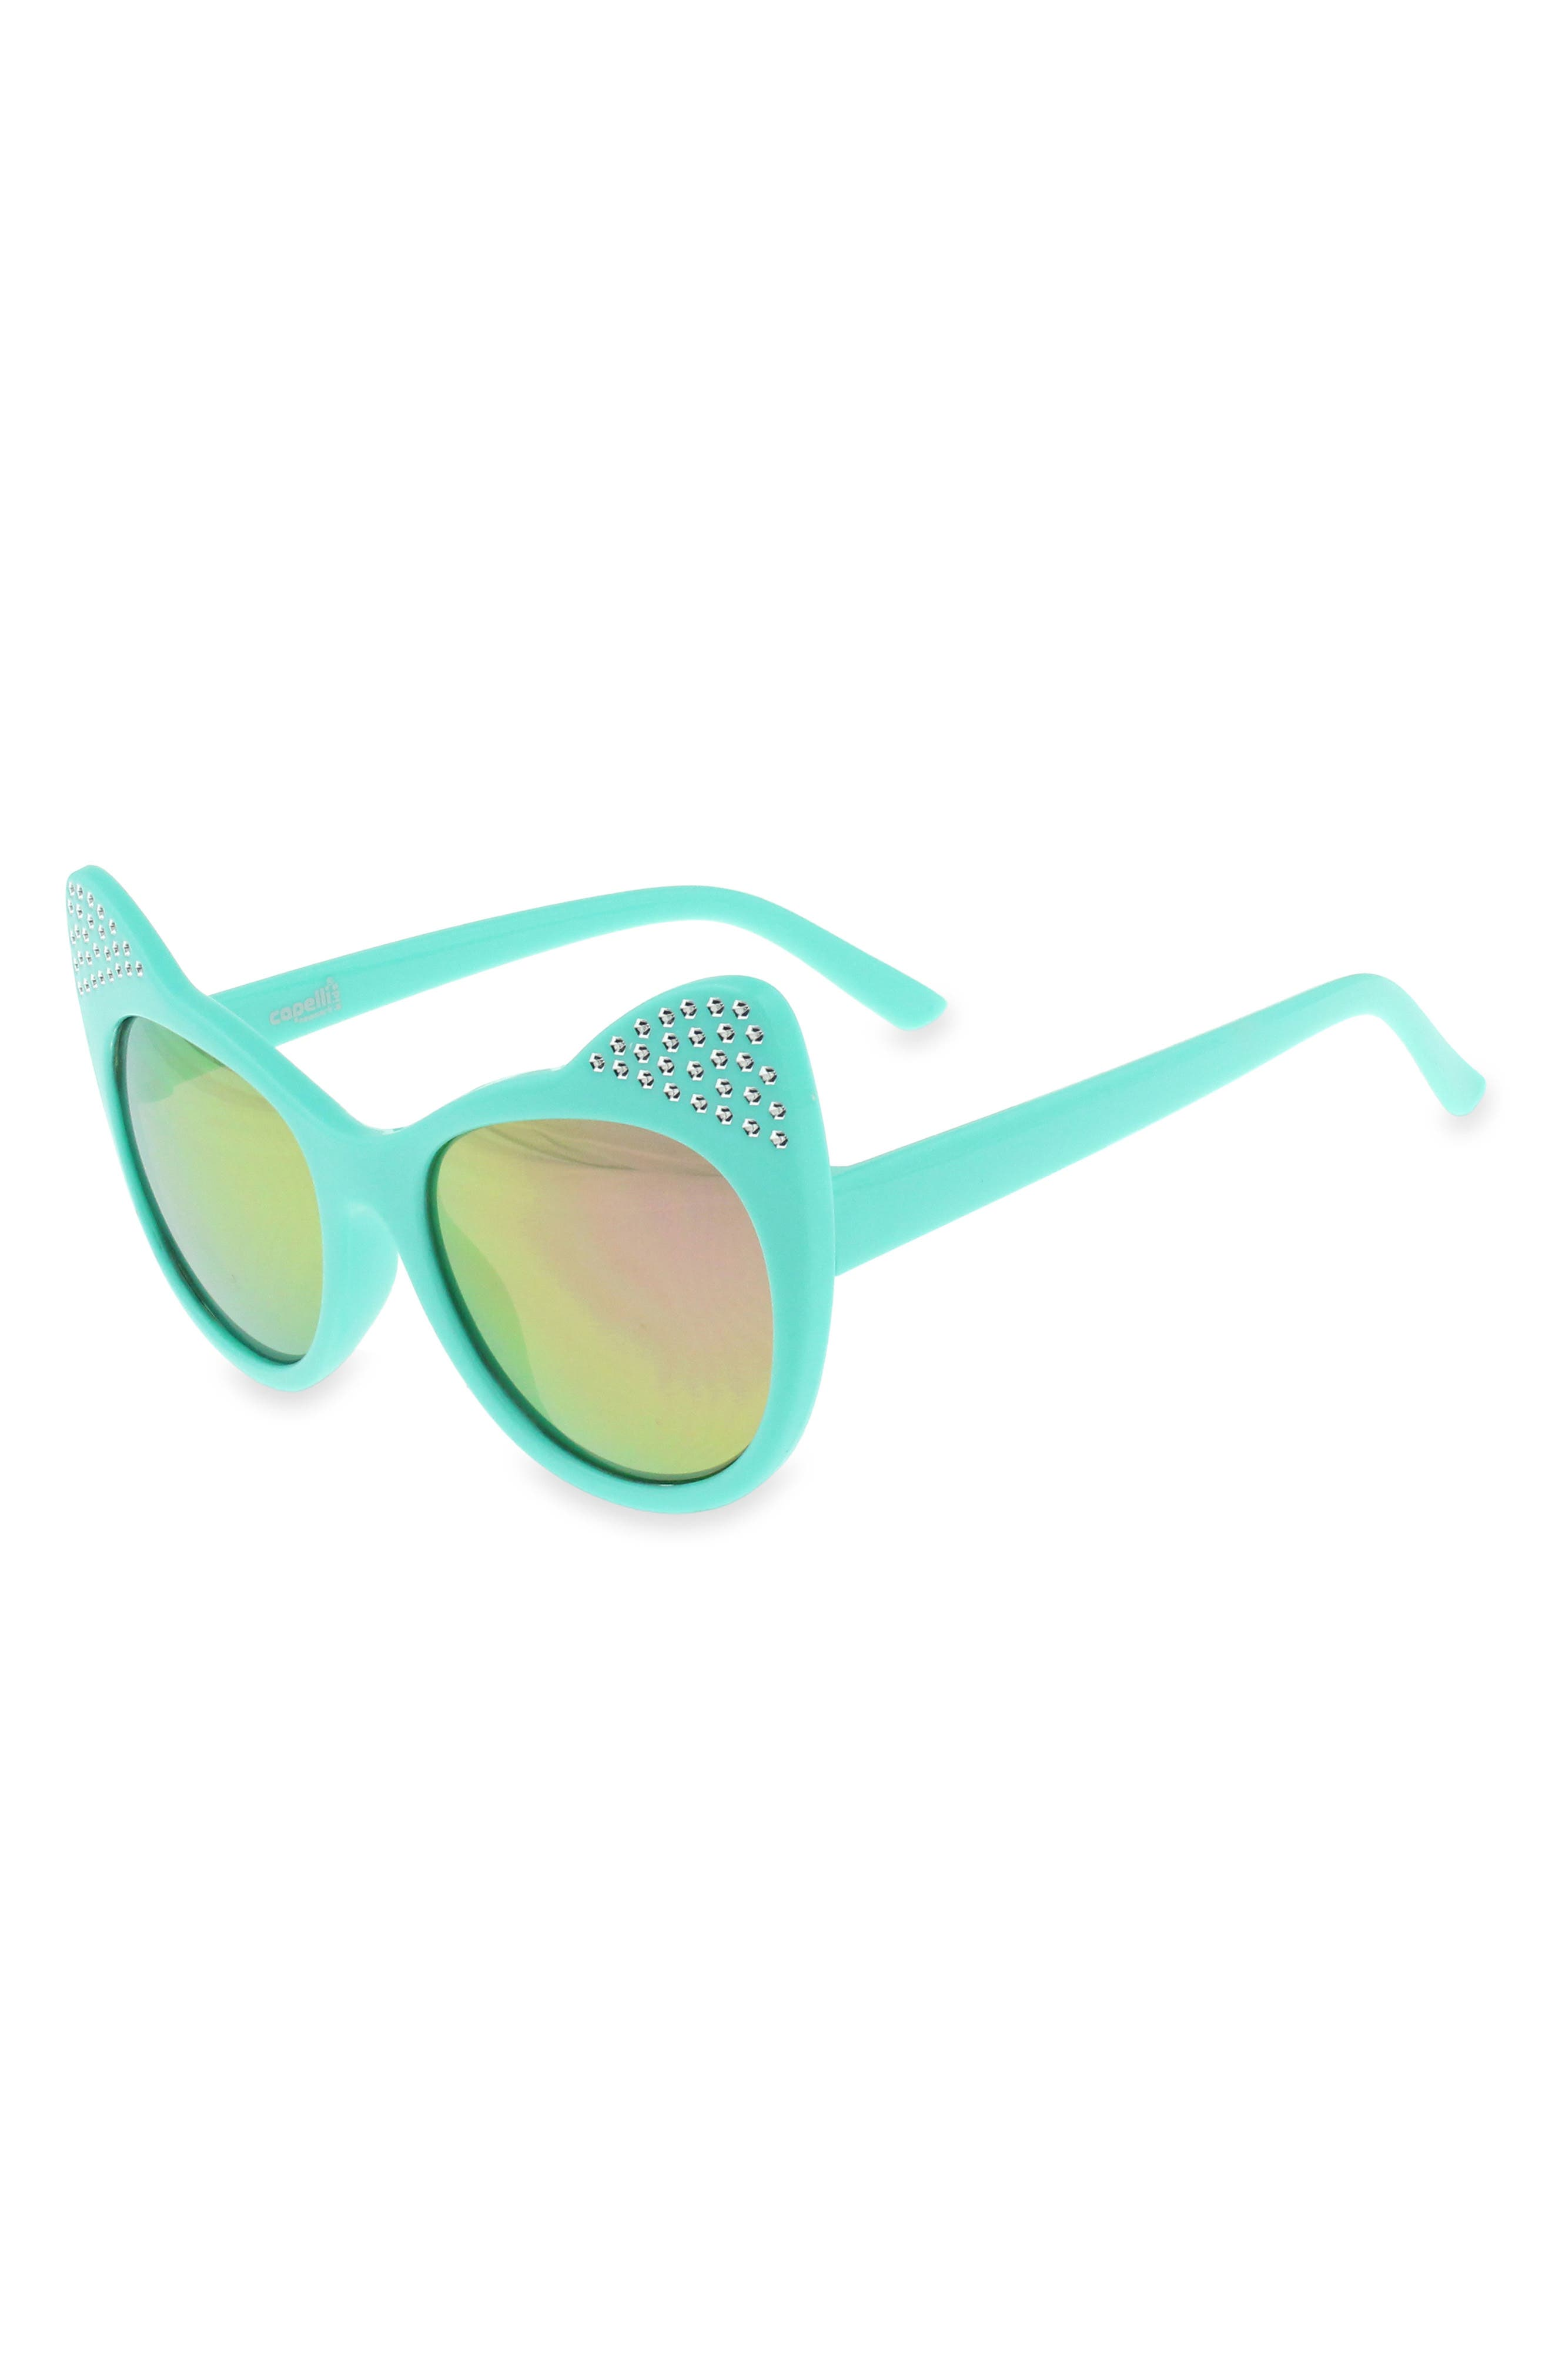 60mm Crystal Cat Ear Sunglasses,                             Main thumbnail 1, color,                             338